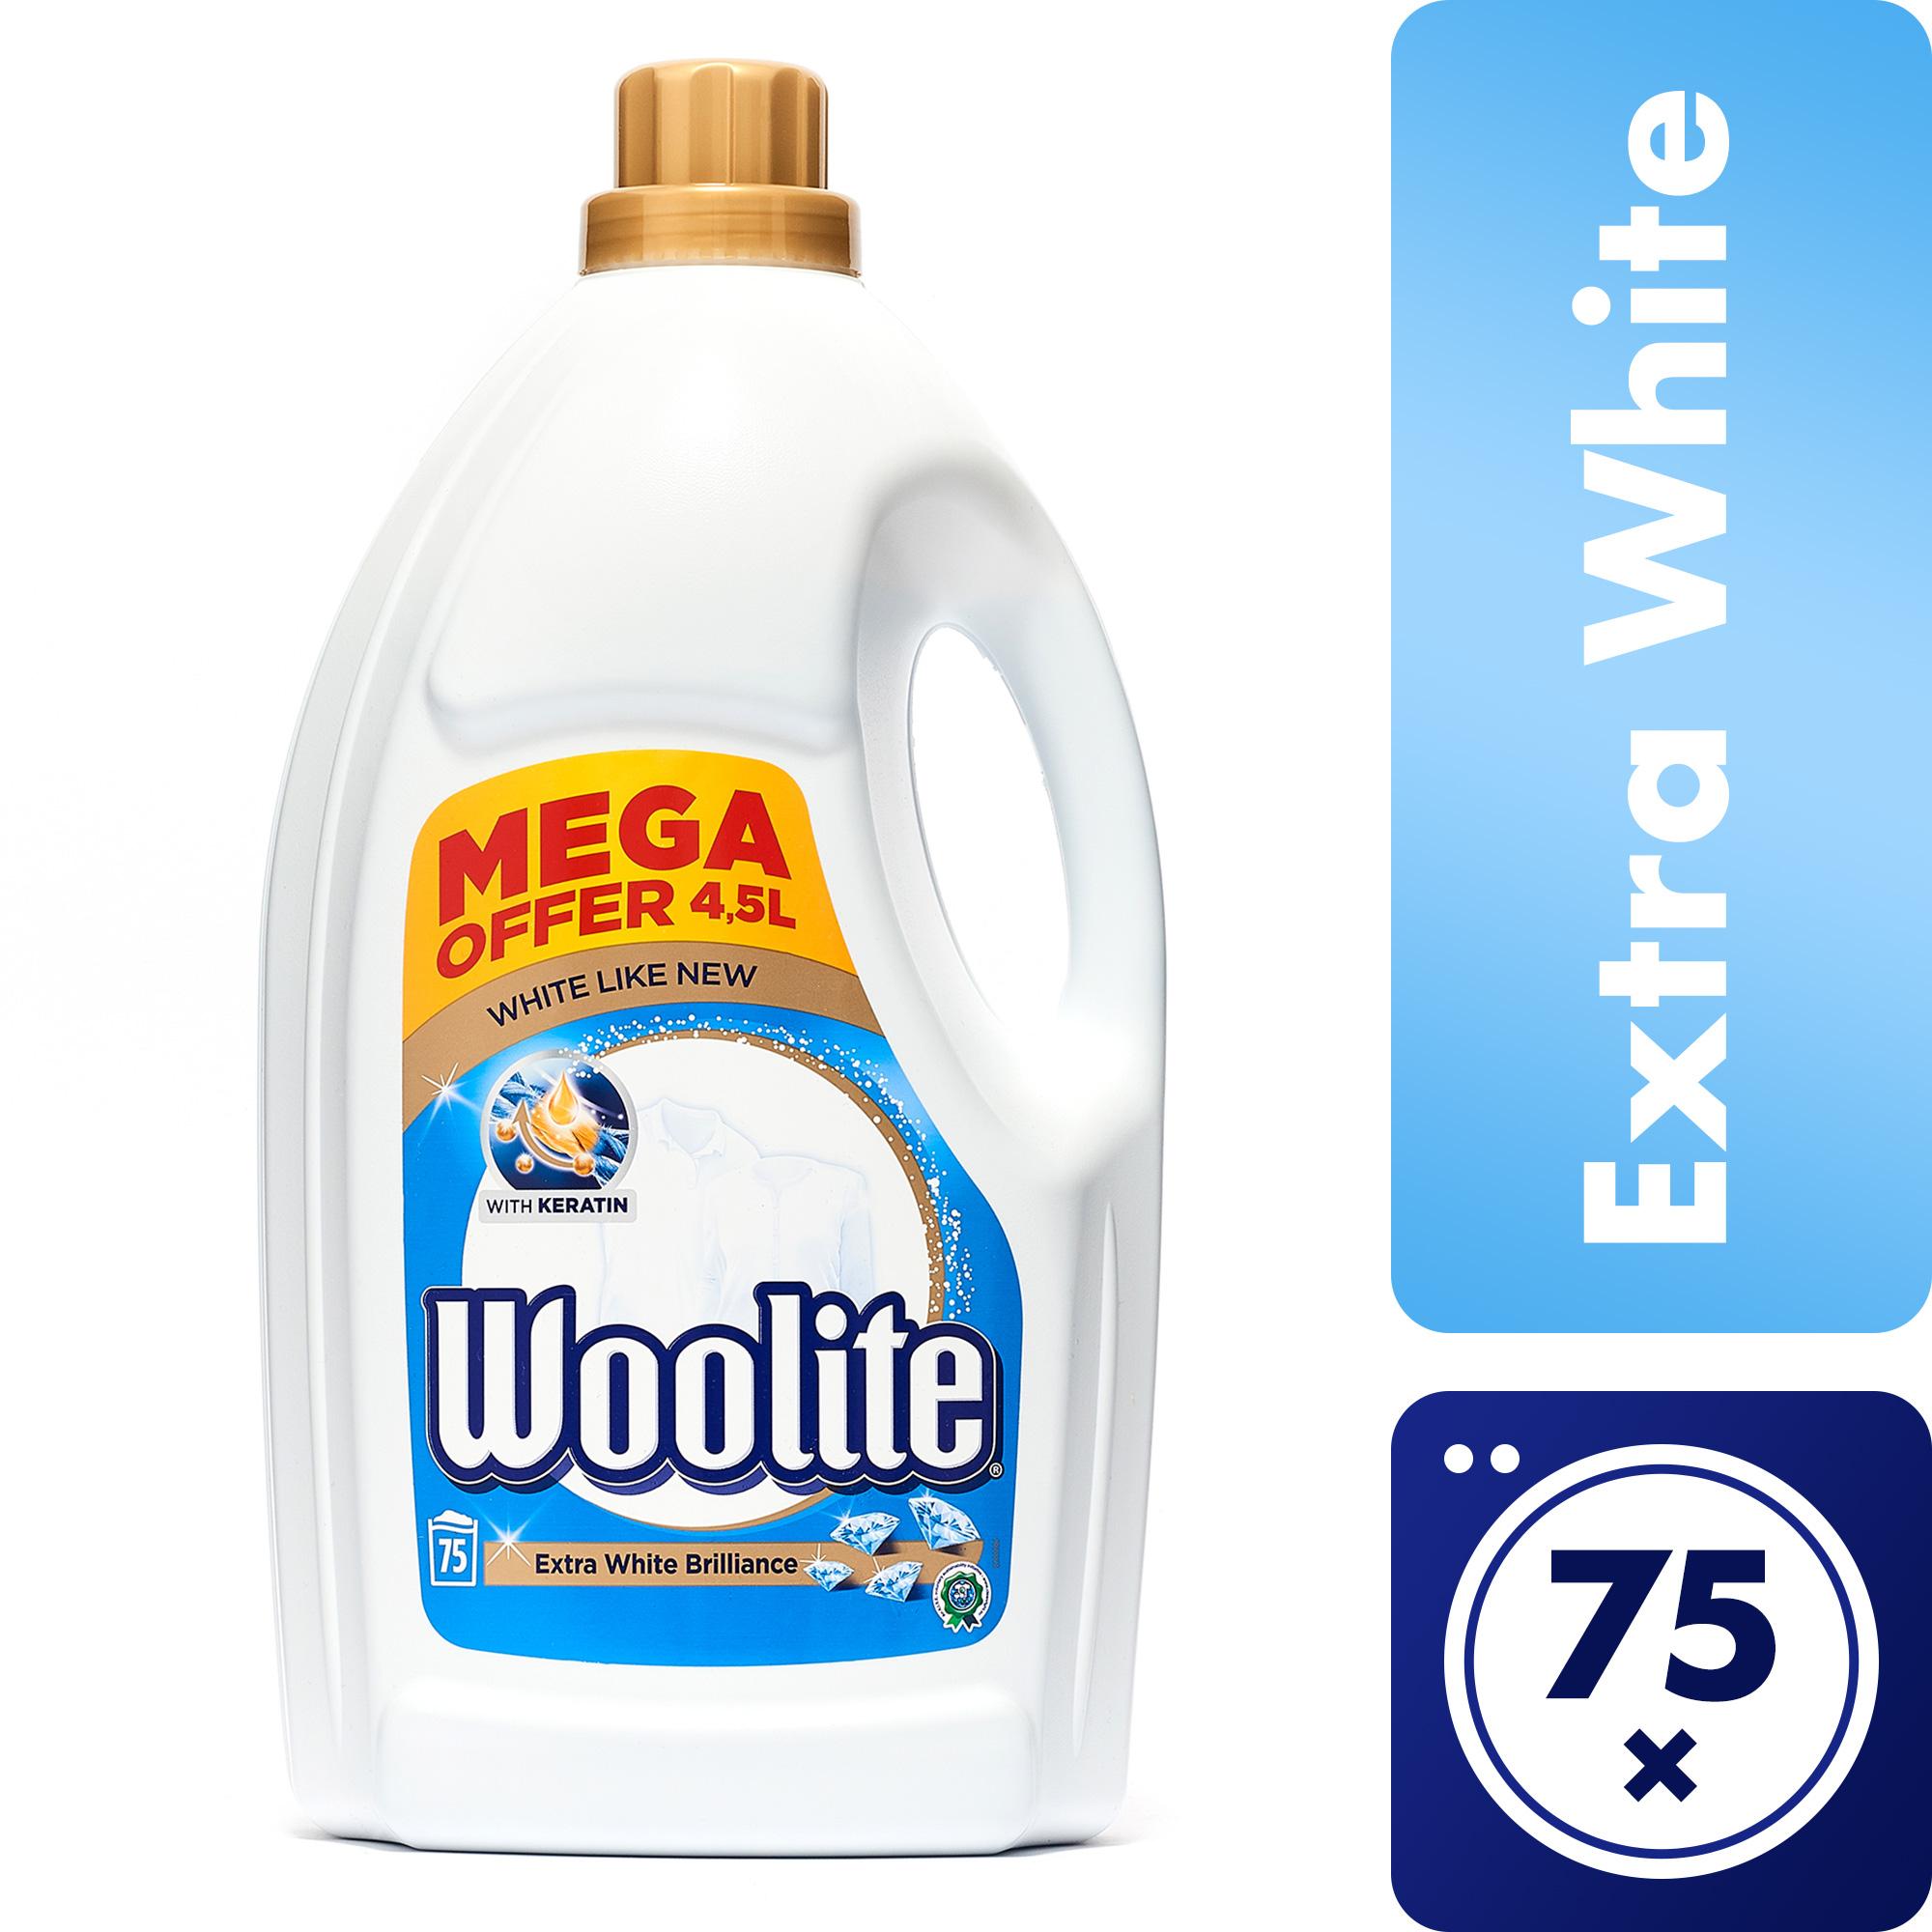 Woolite Extra White Brilliance s keratinem tekutý prací prostředek na bílé prádlo, 75 praní 4,5 l